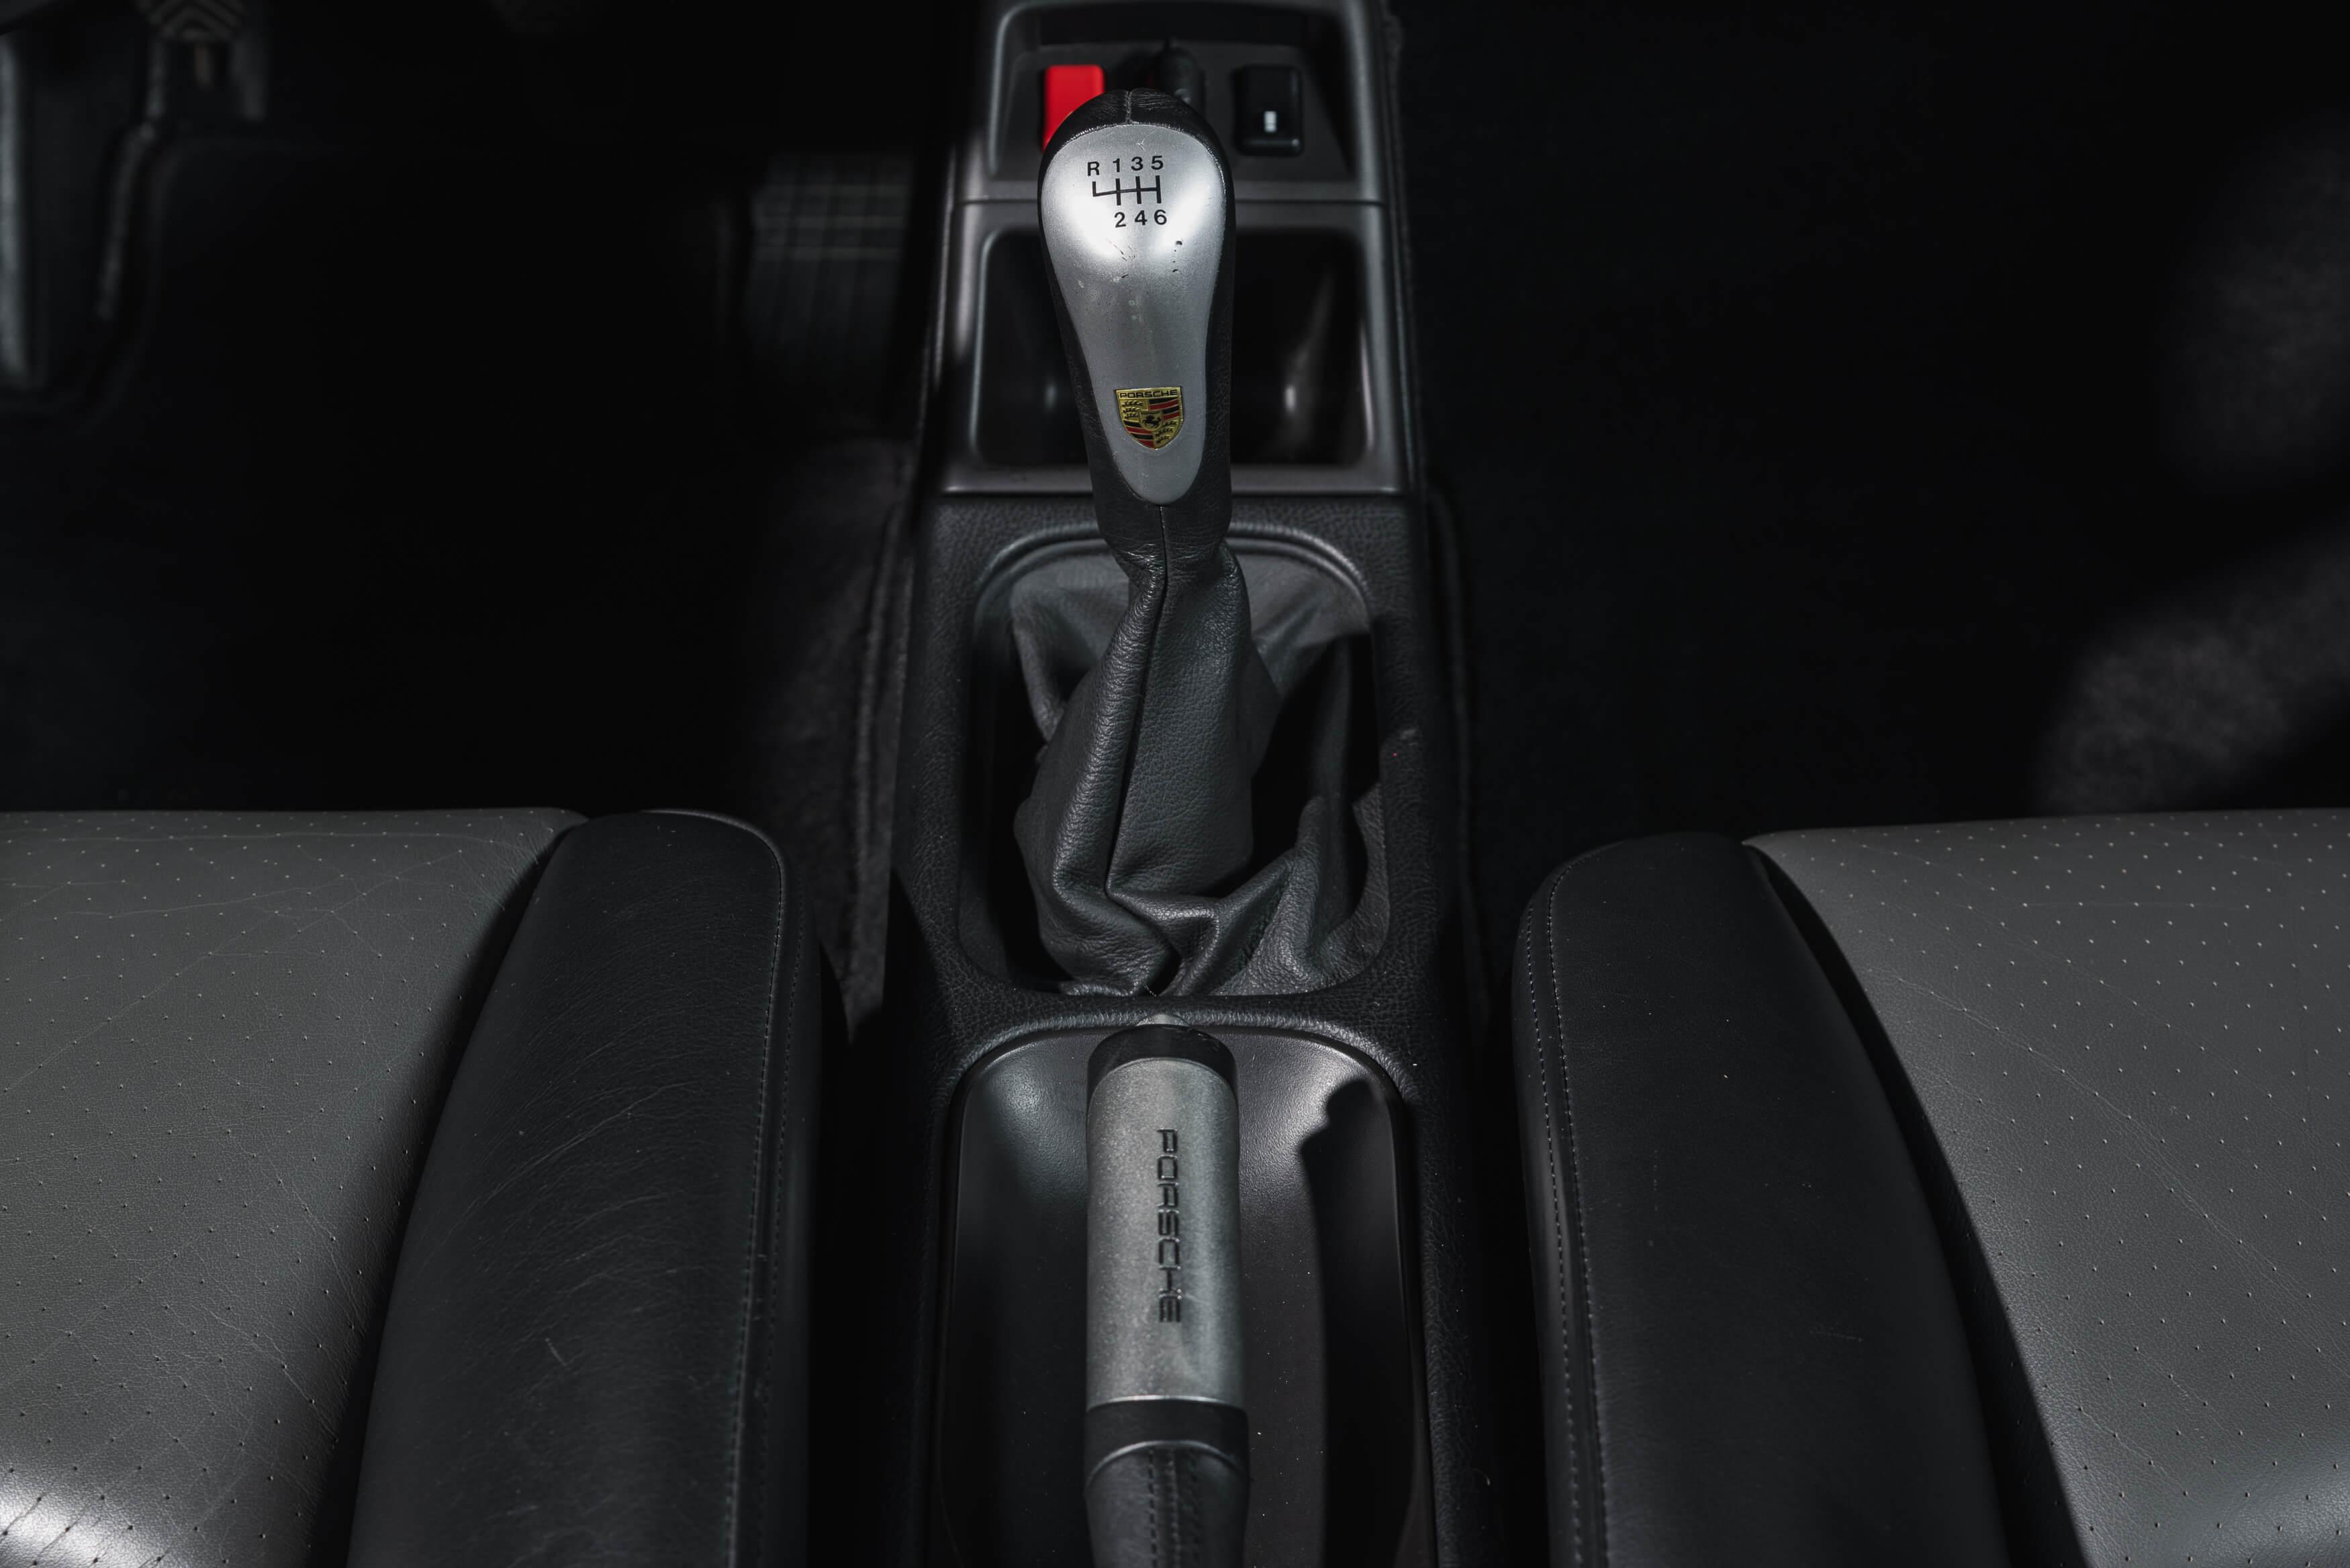 993 RS handgeschakeld Car Service Visser gespecialiseerd in Porsche - 28